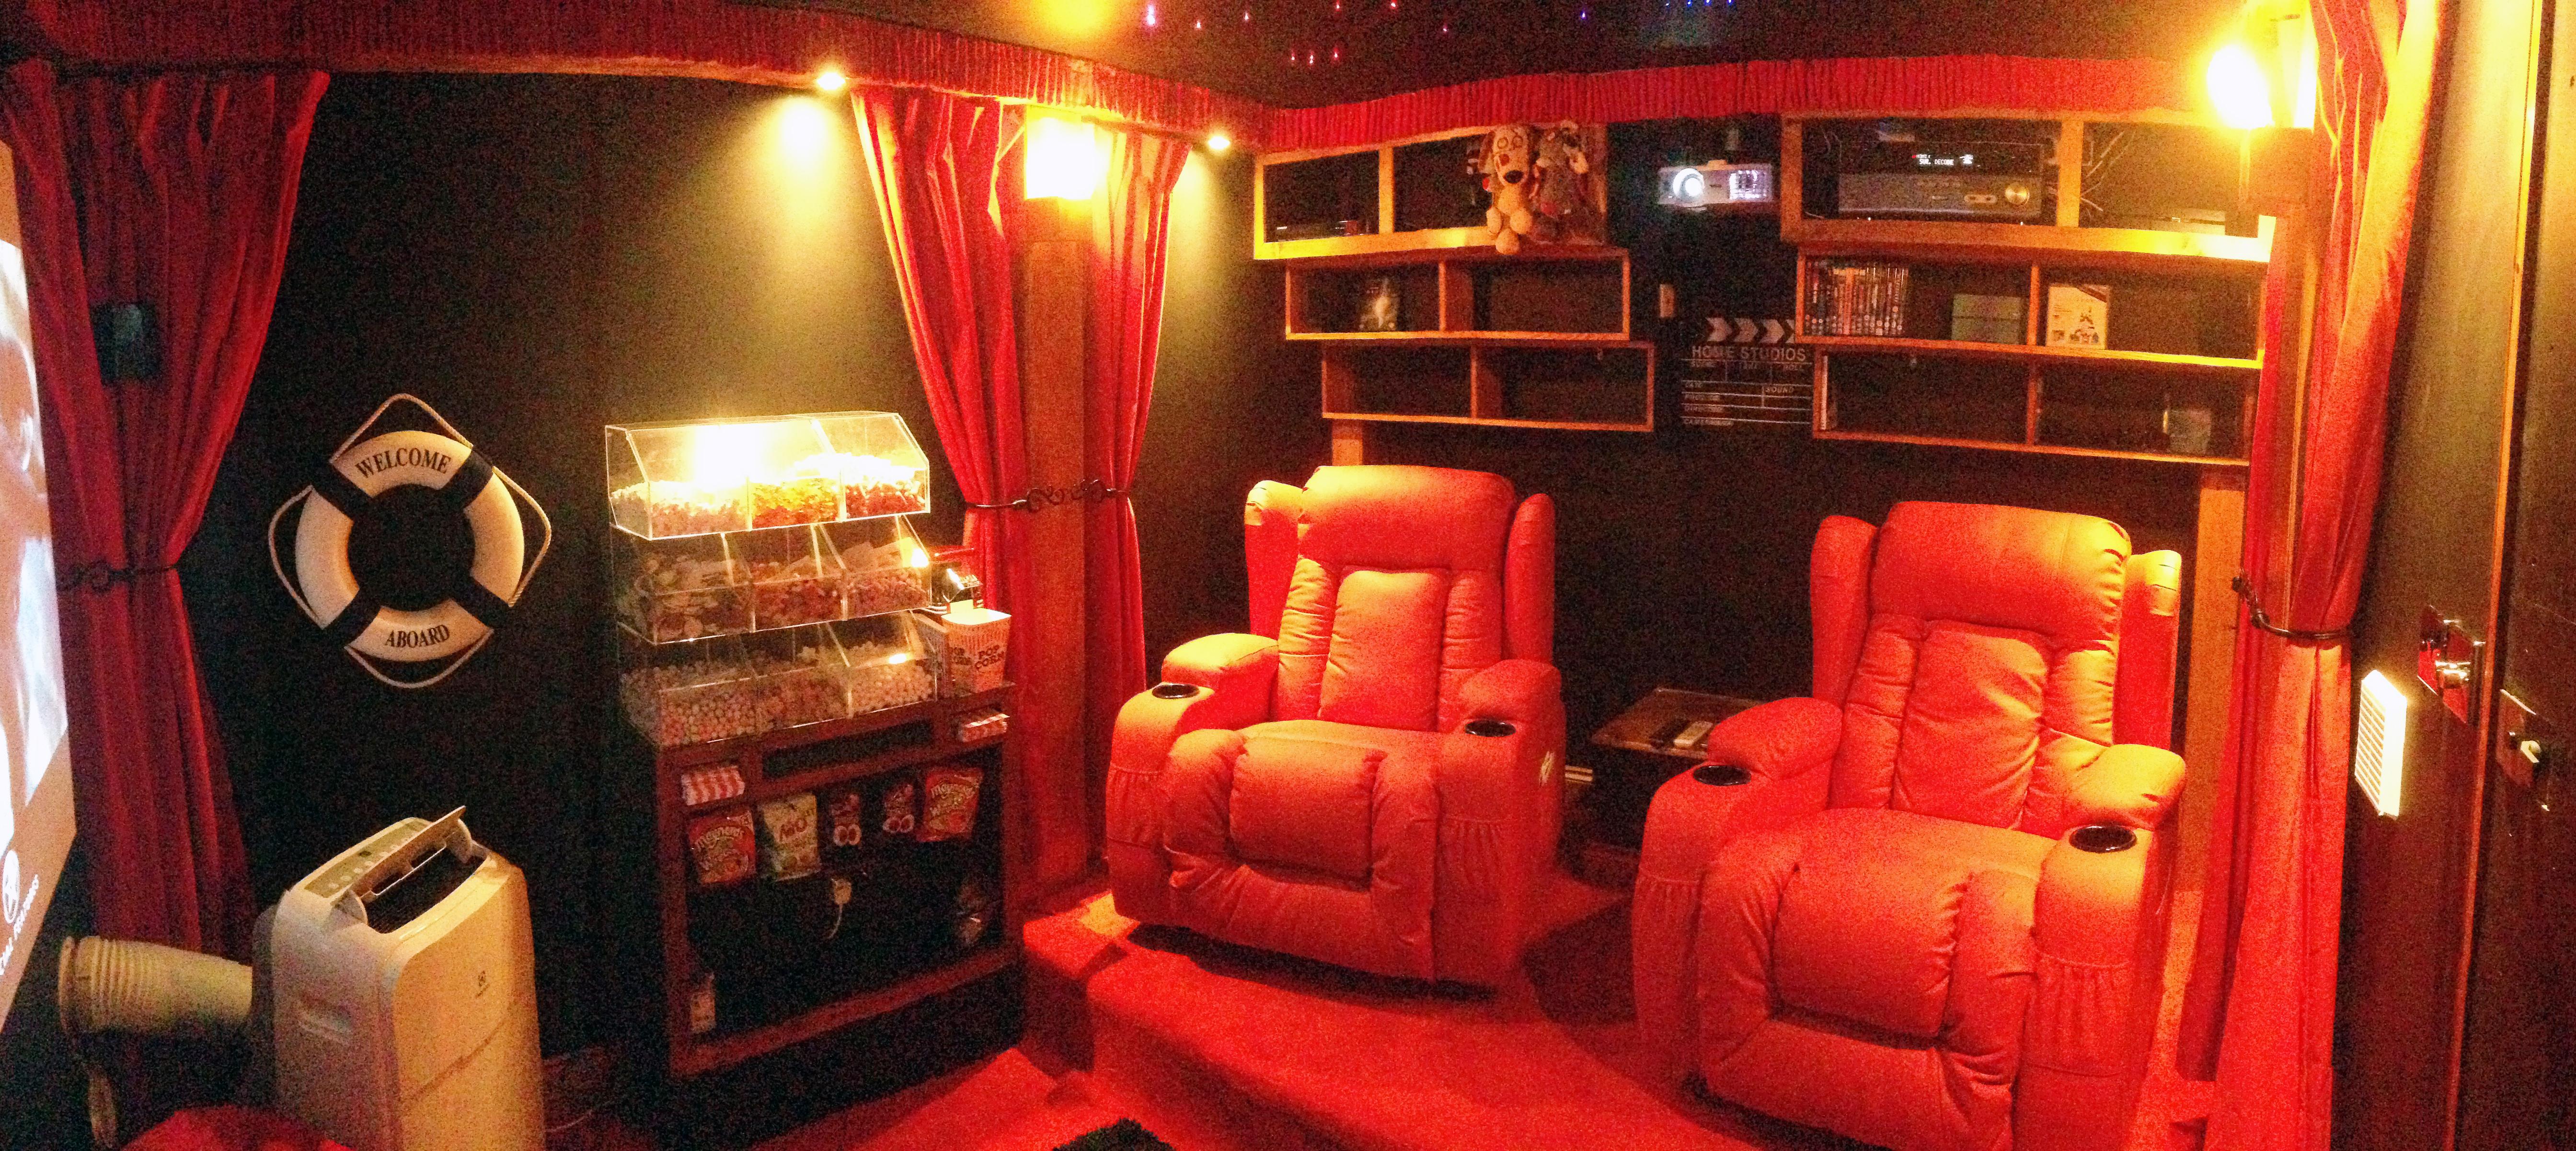 Interior wide shot